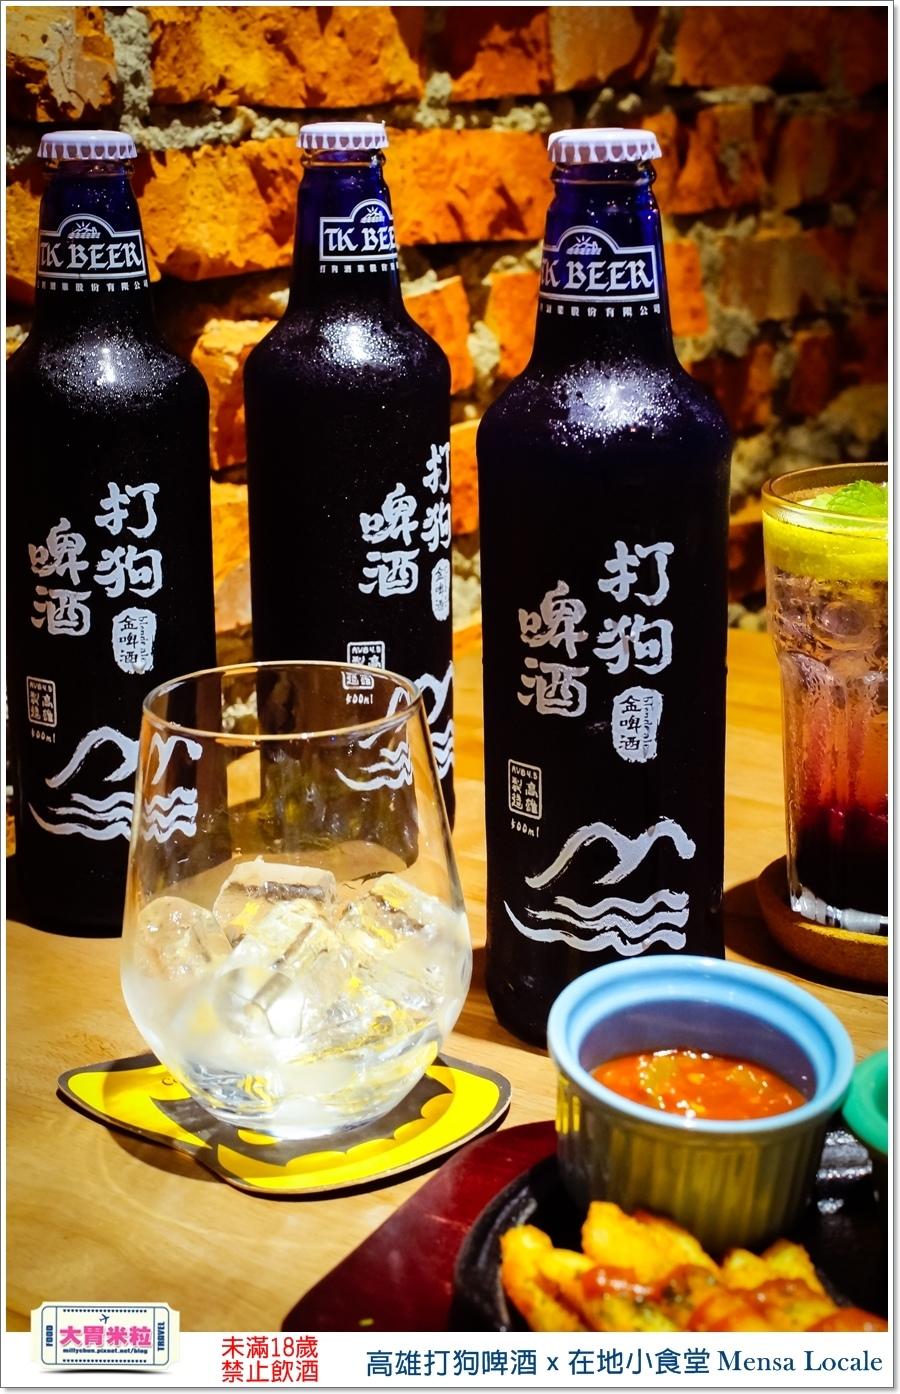 高雄打狗啤酒x在地小食堂Mensa Locale@大胃米粒00055.jpg